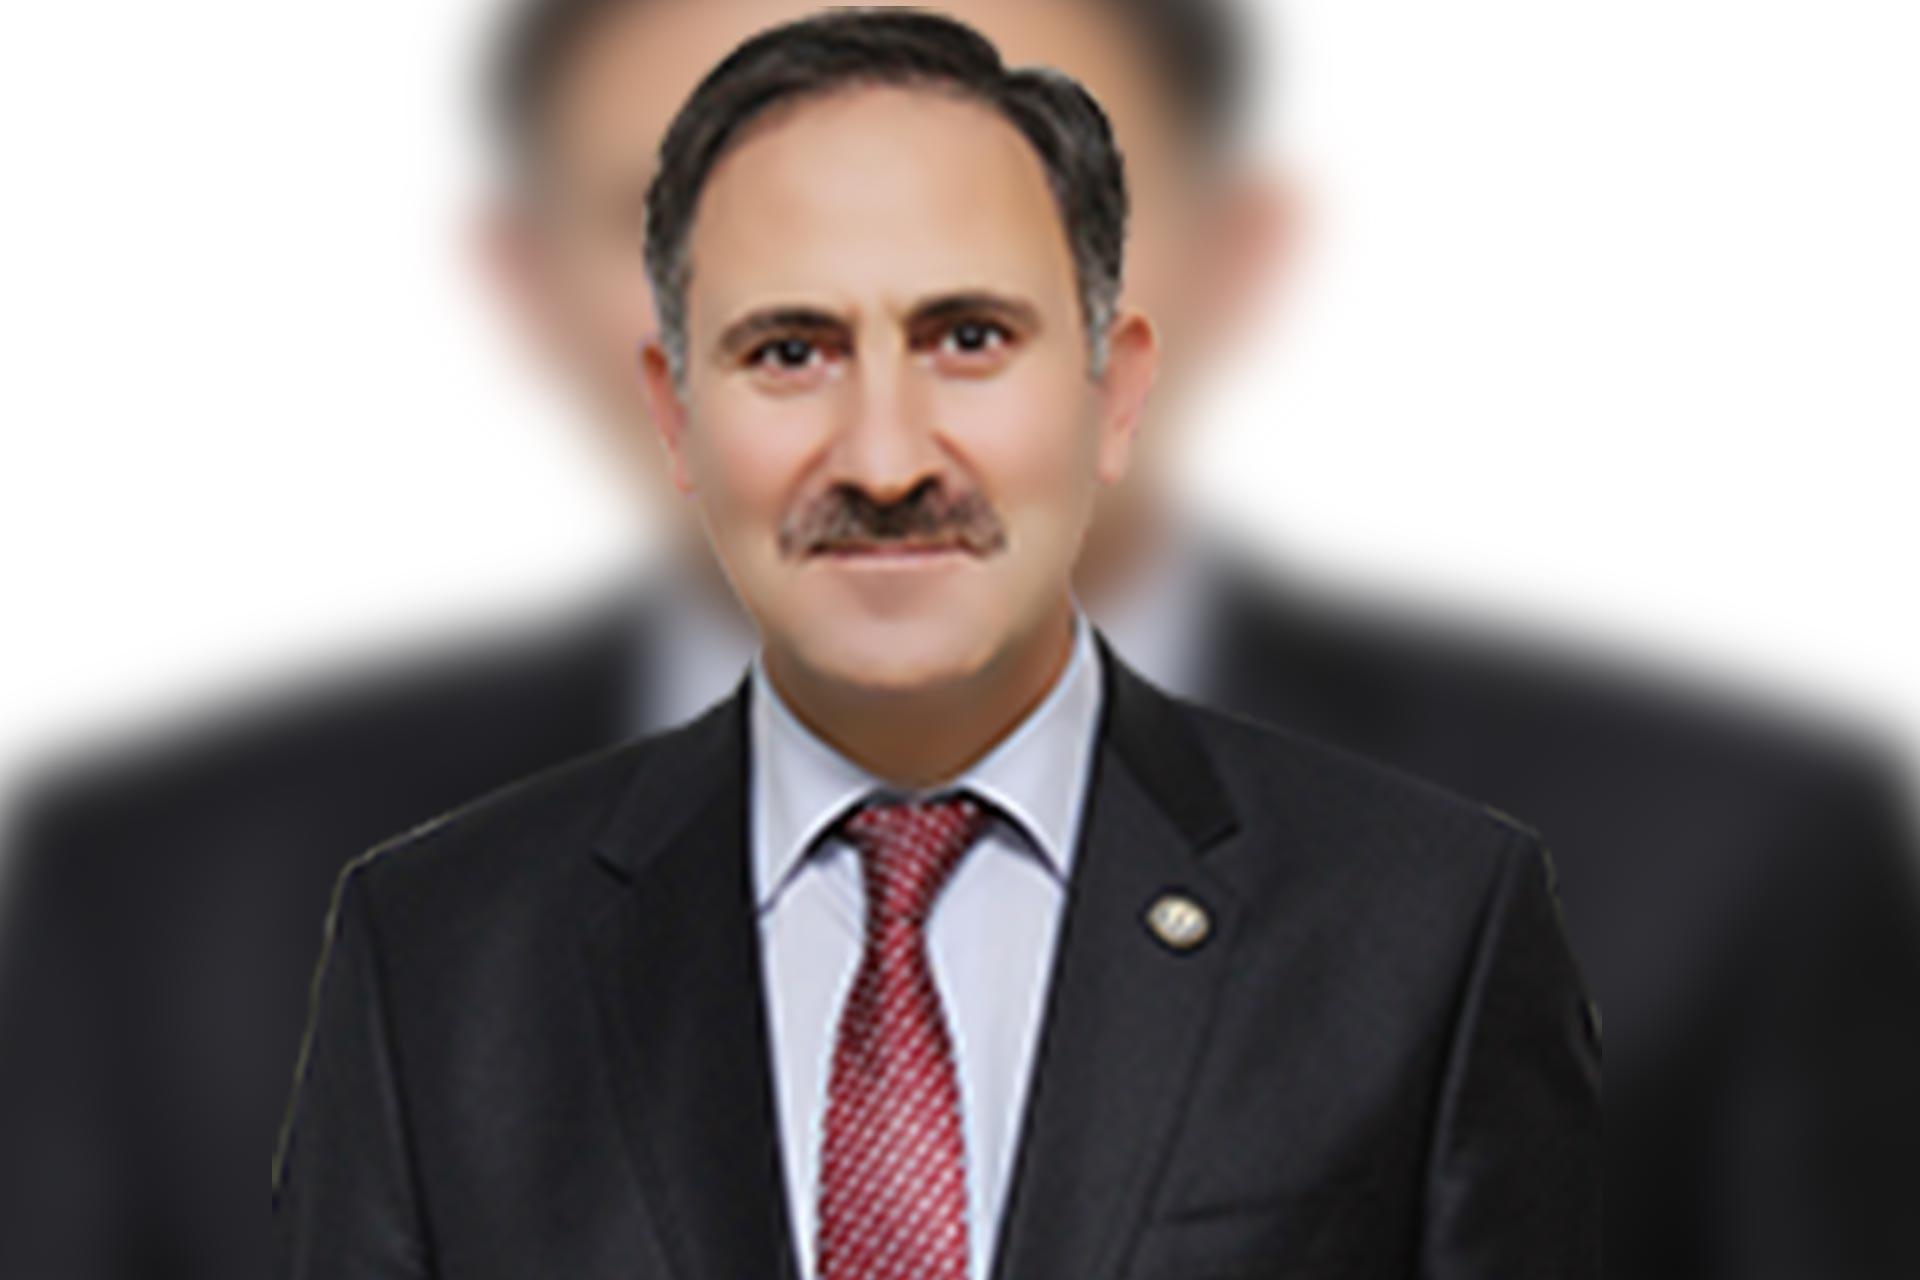 Sağlık-Sen Genel Başkanı Semih Durmuş'un maaşı 26 bin lirayı buldu